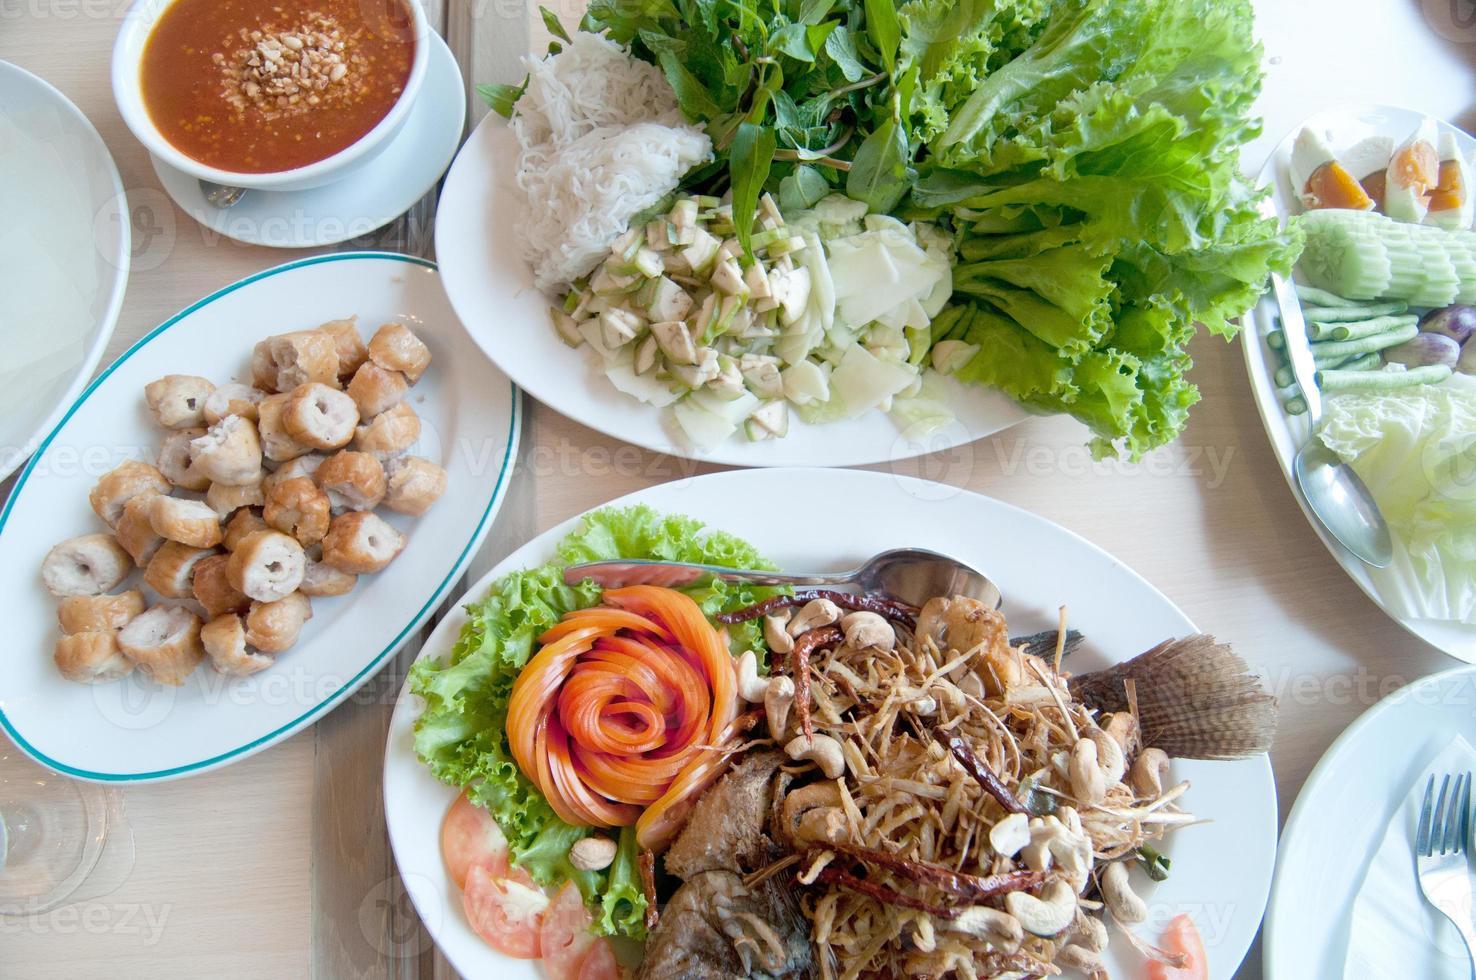 cibo tailandese nel tavolo da pranzo - pesce cotto, salsa di peperoncino foto